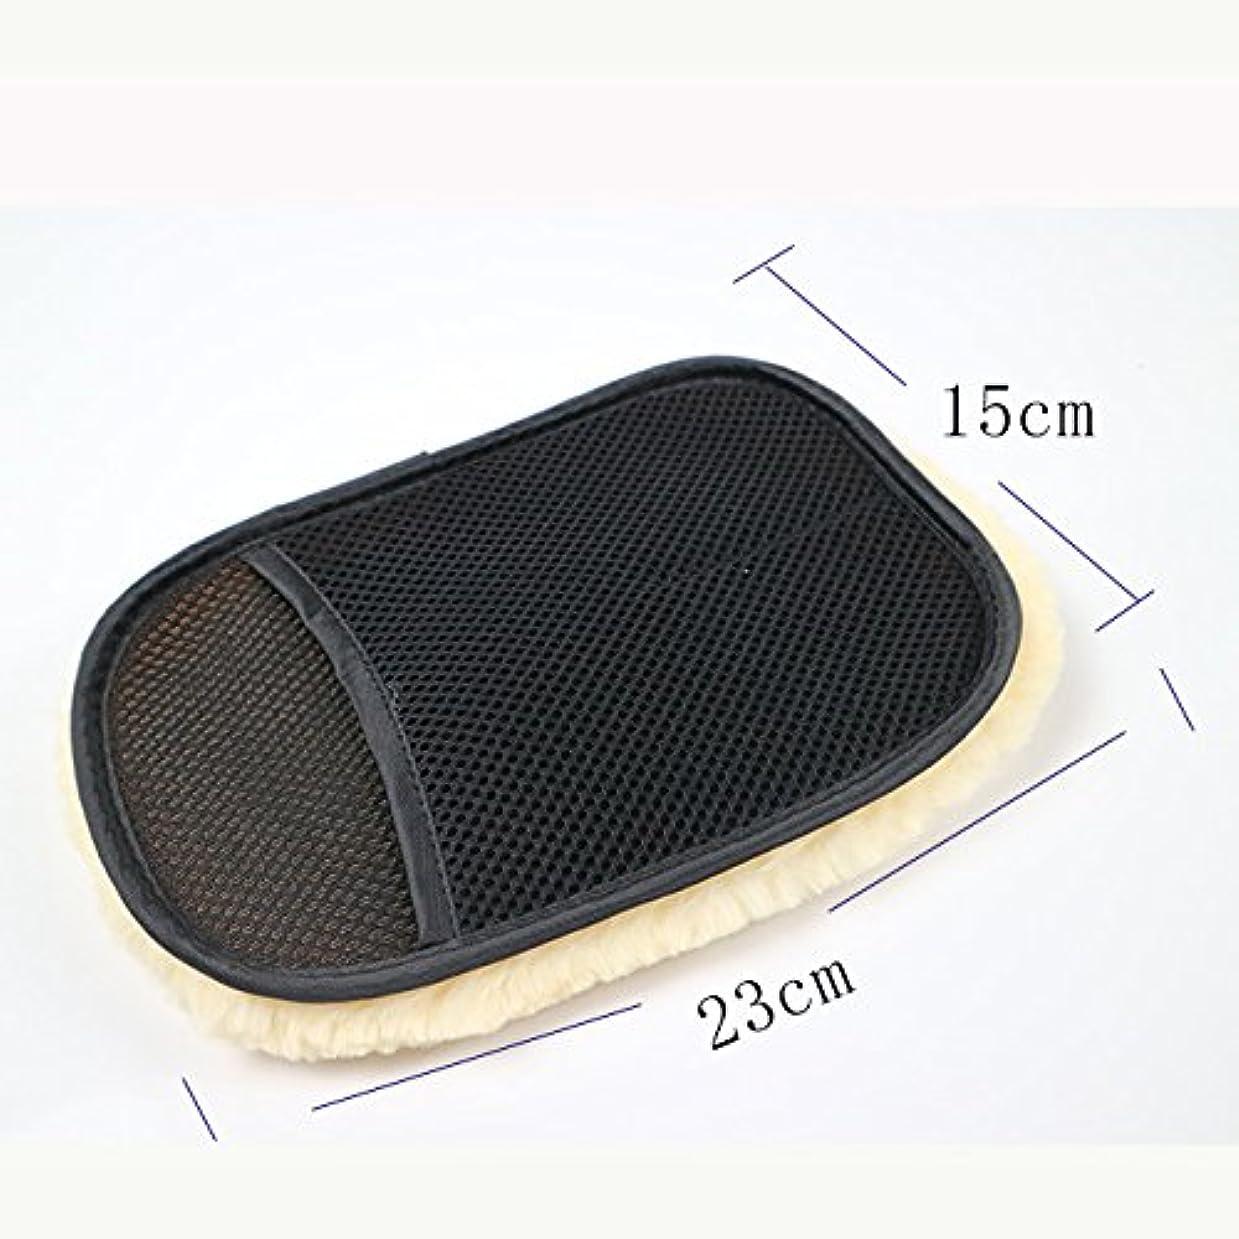 うめき声非常にギャザーBTXXYJP カースタイリングウール 洗濯手袋 クリーニング ブラシ オートバイ ウォッシャーケア 5ペア (Color : Black, UnitCount : 5 pair)